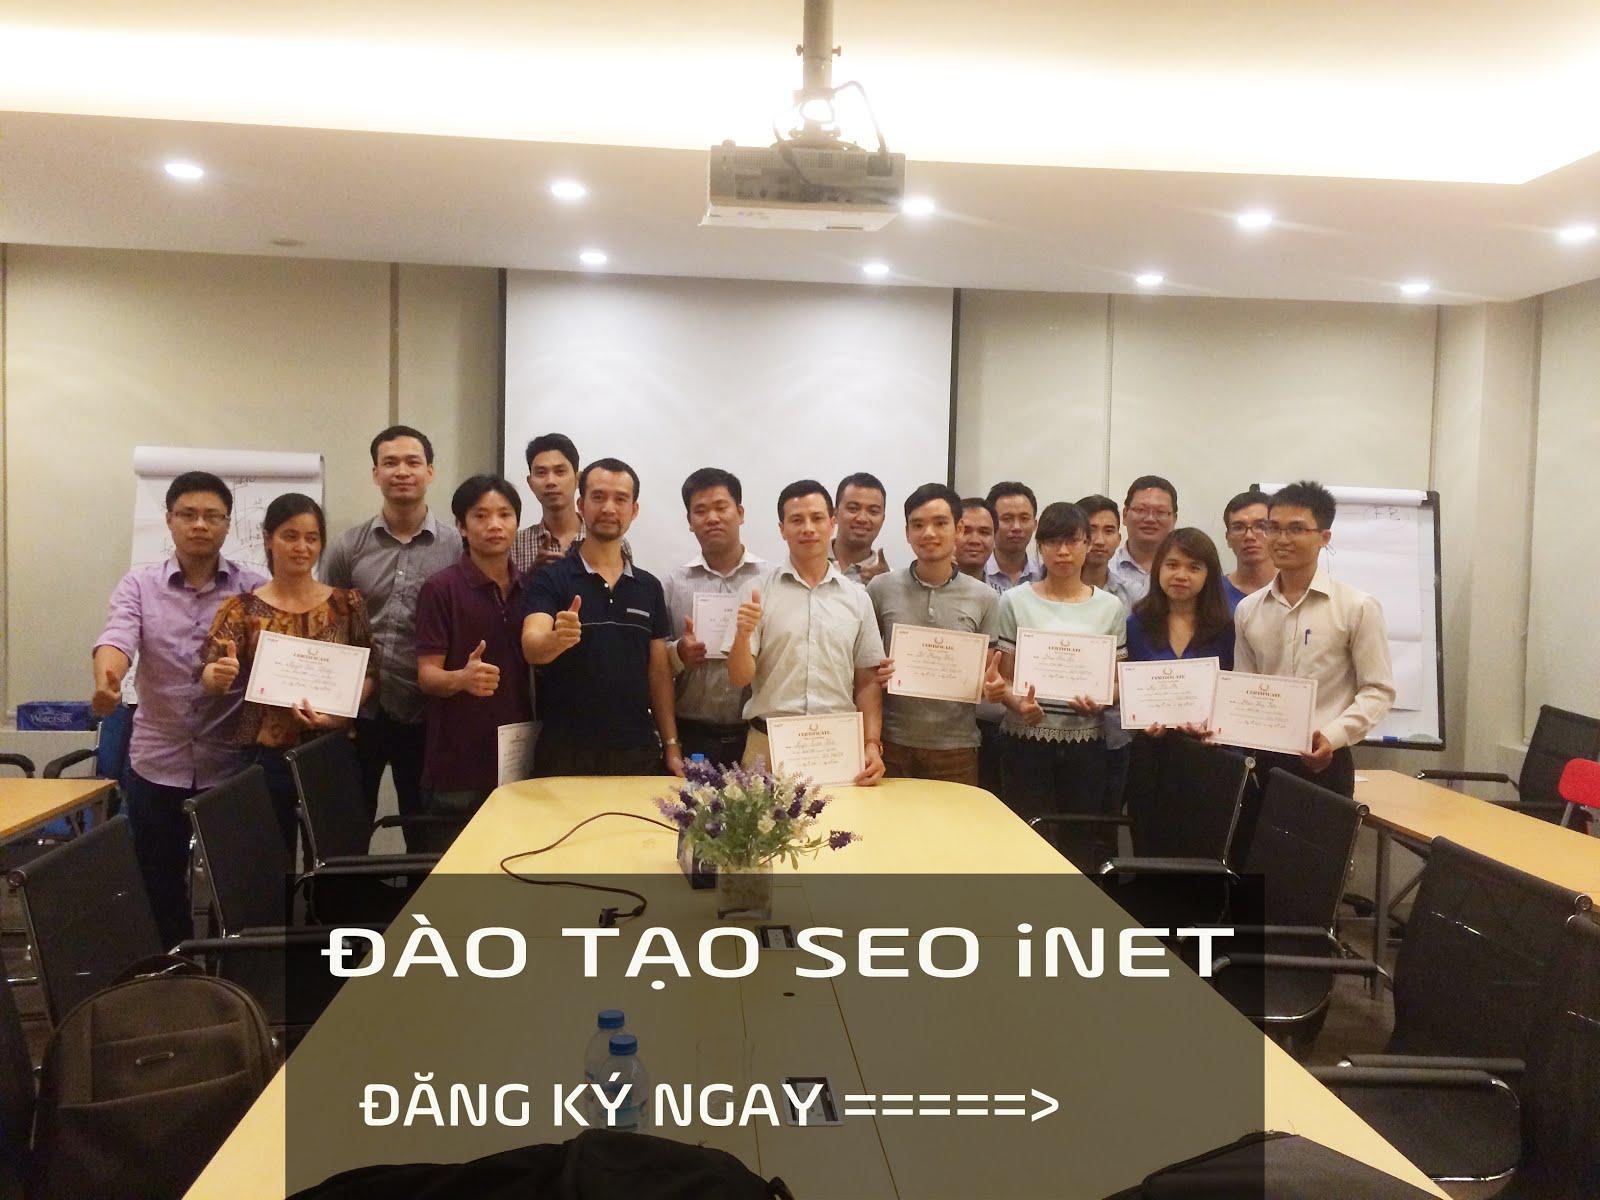 Đào tạo Seo iNET